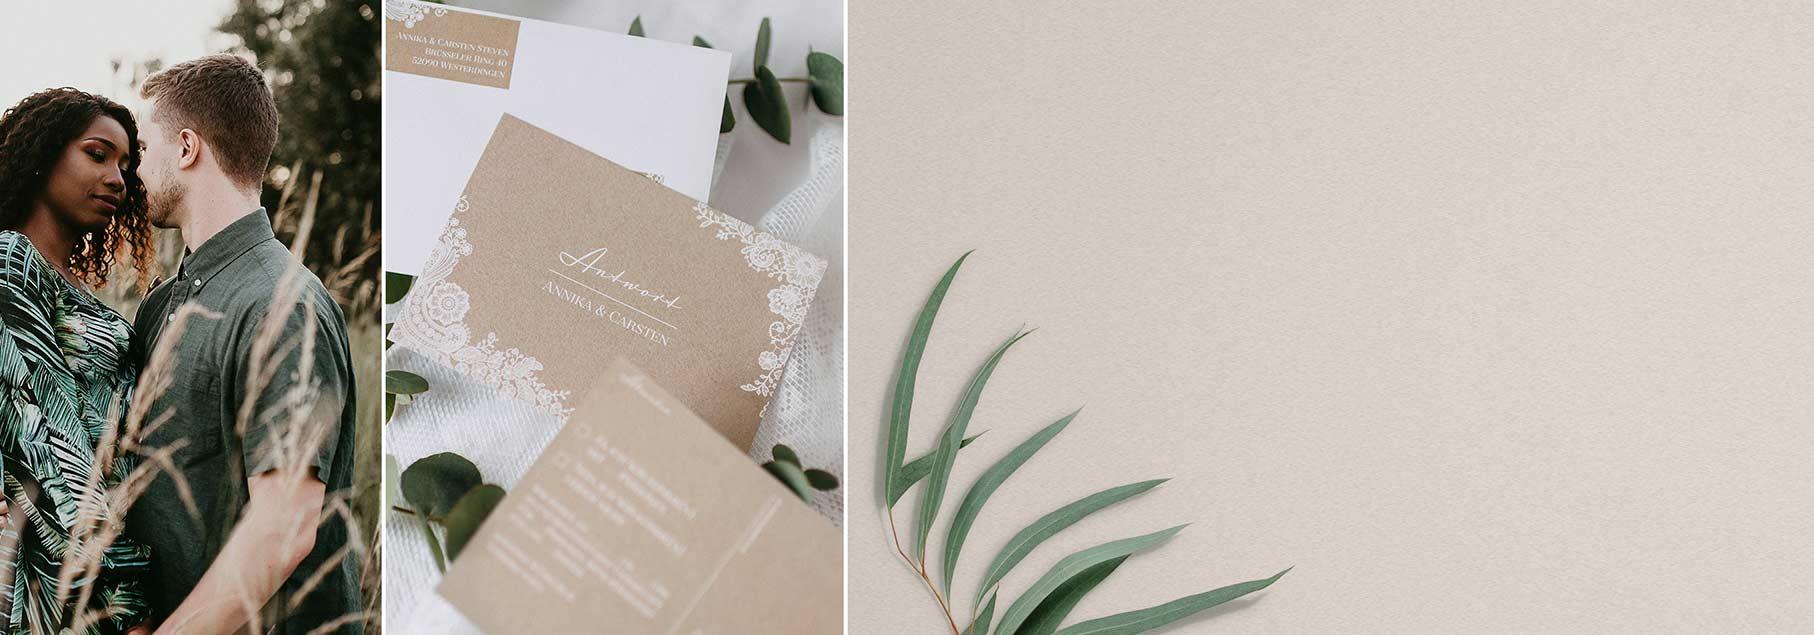 Antwortkarten zur Hochzeit